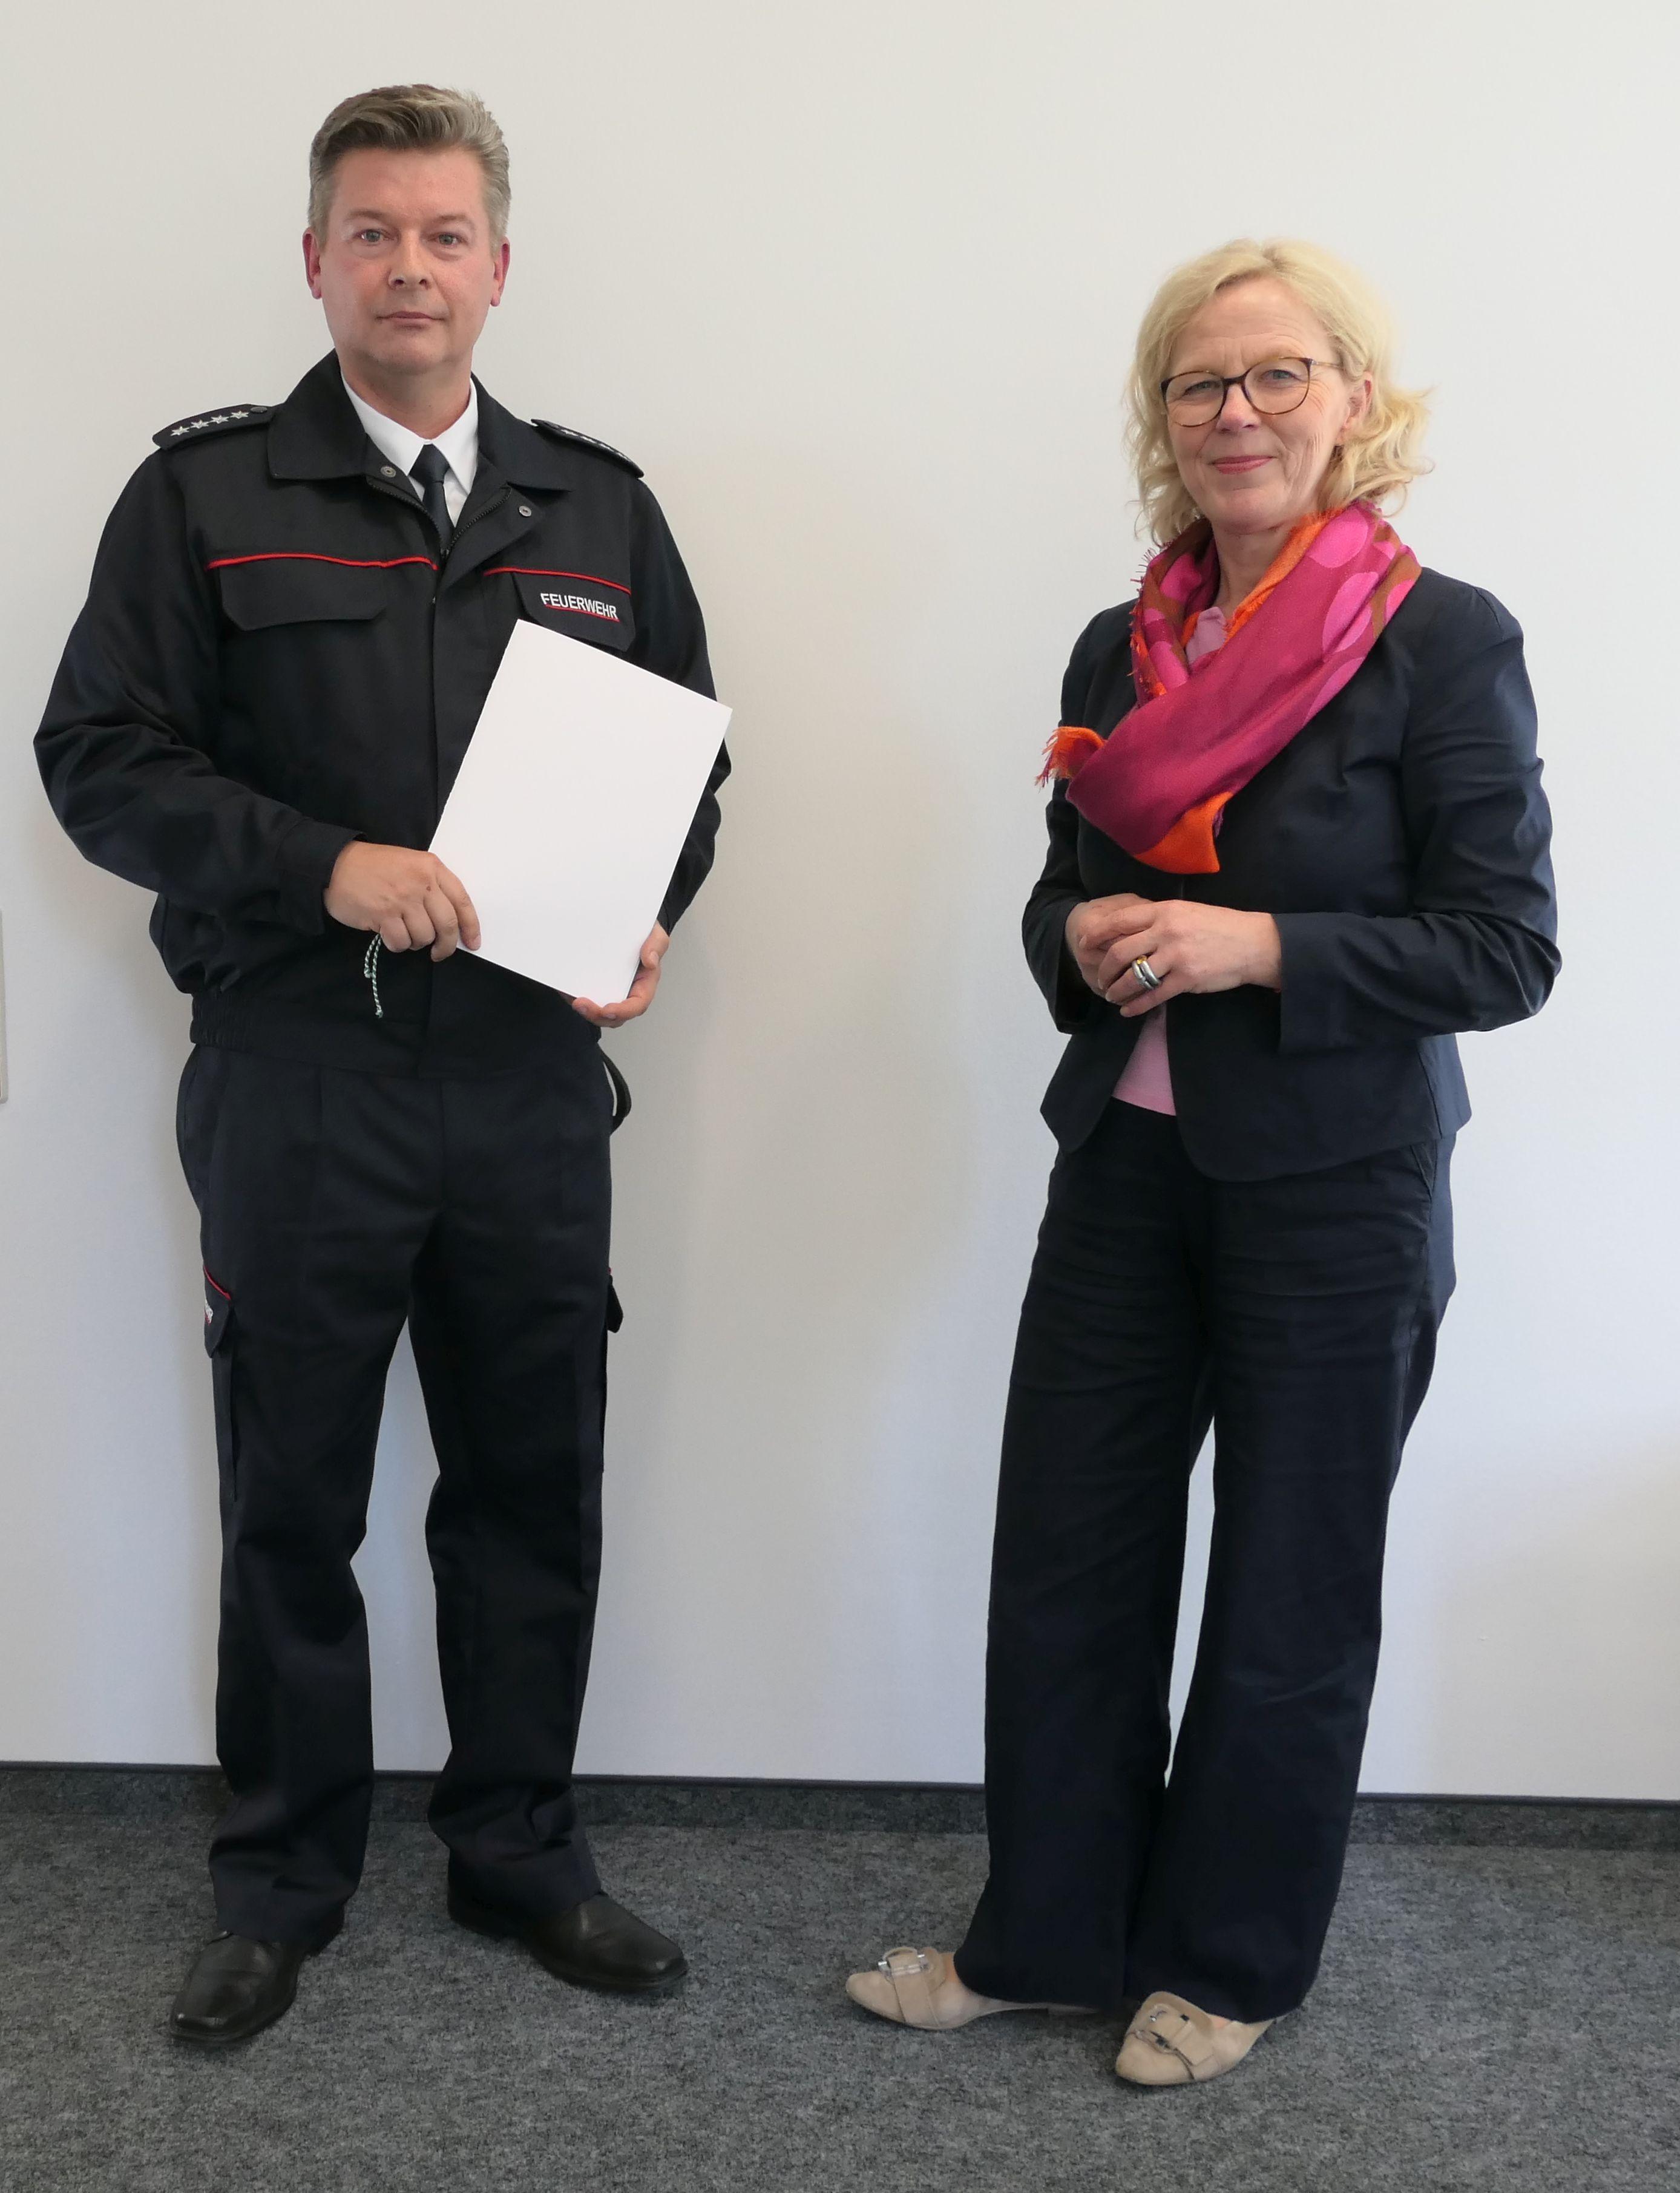 Der neue Bezirksbrandmeister Dirk Hartmann mit der Päsidentin der LDS, Regina Kraushaar